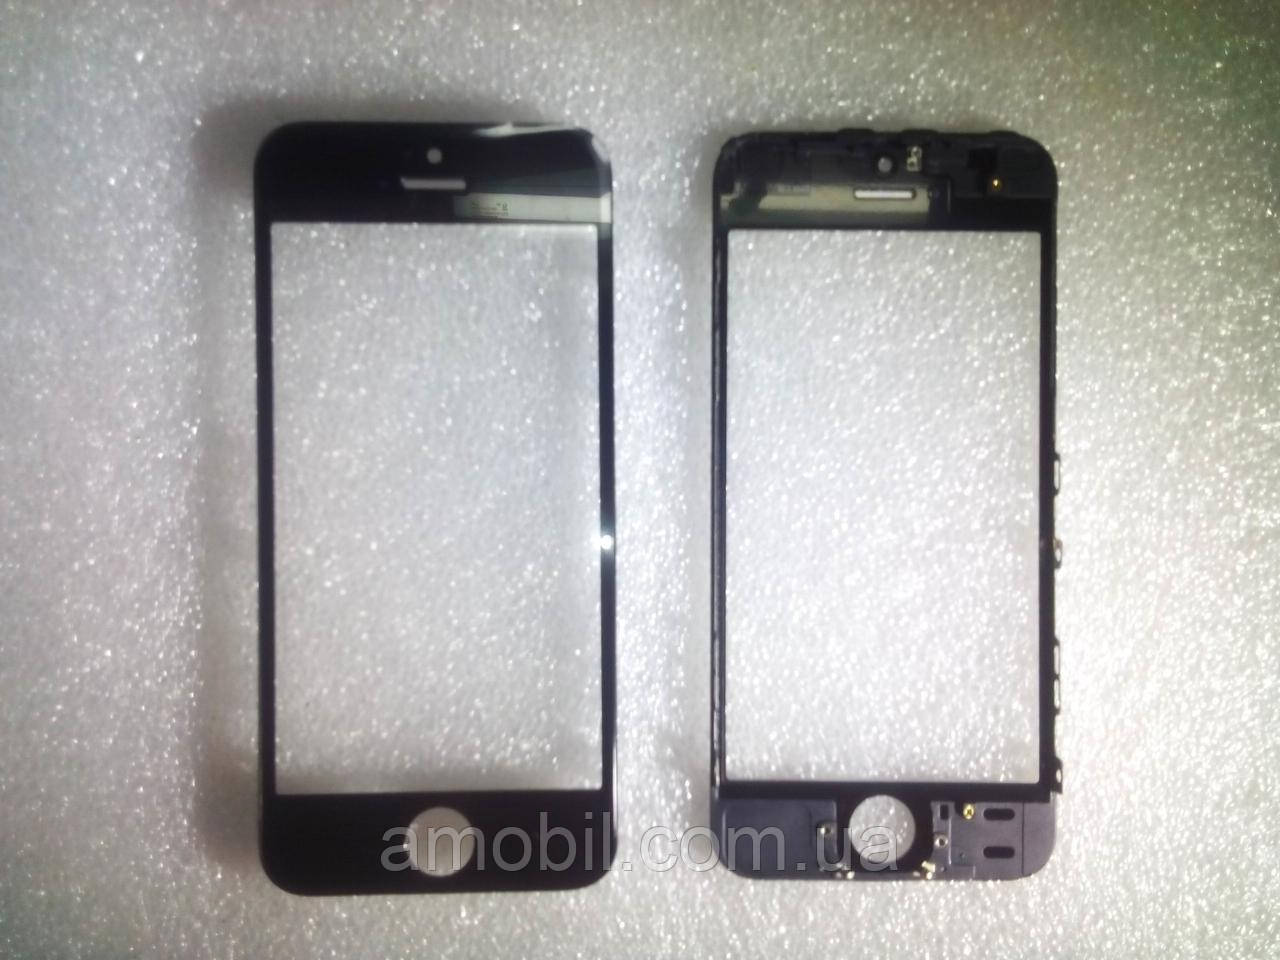 Стекло с дисплейной рамкой и OCA плёнкой для iPhone 5S чёрное orig качество